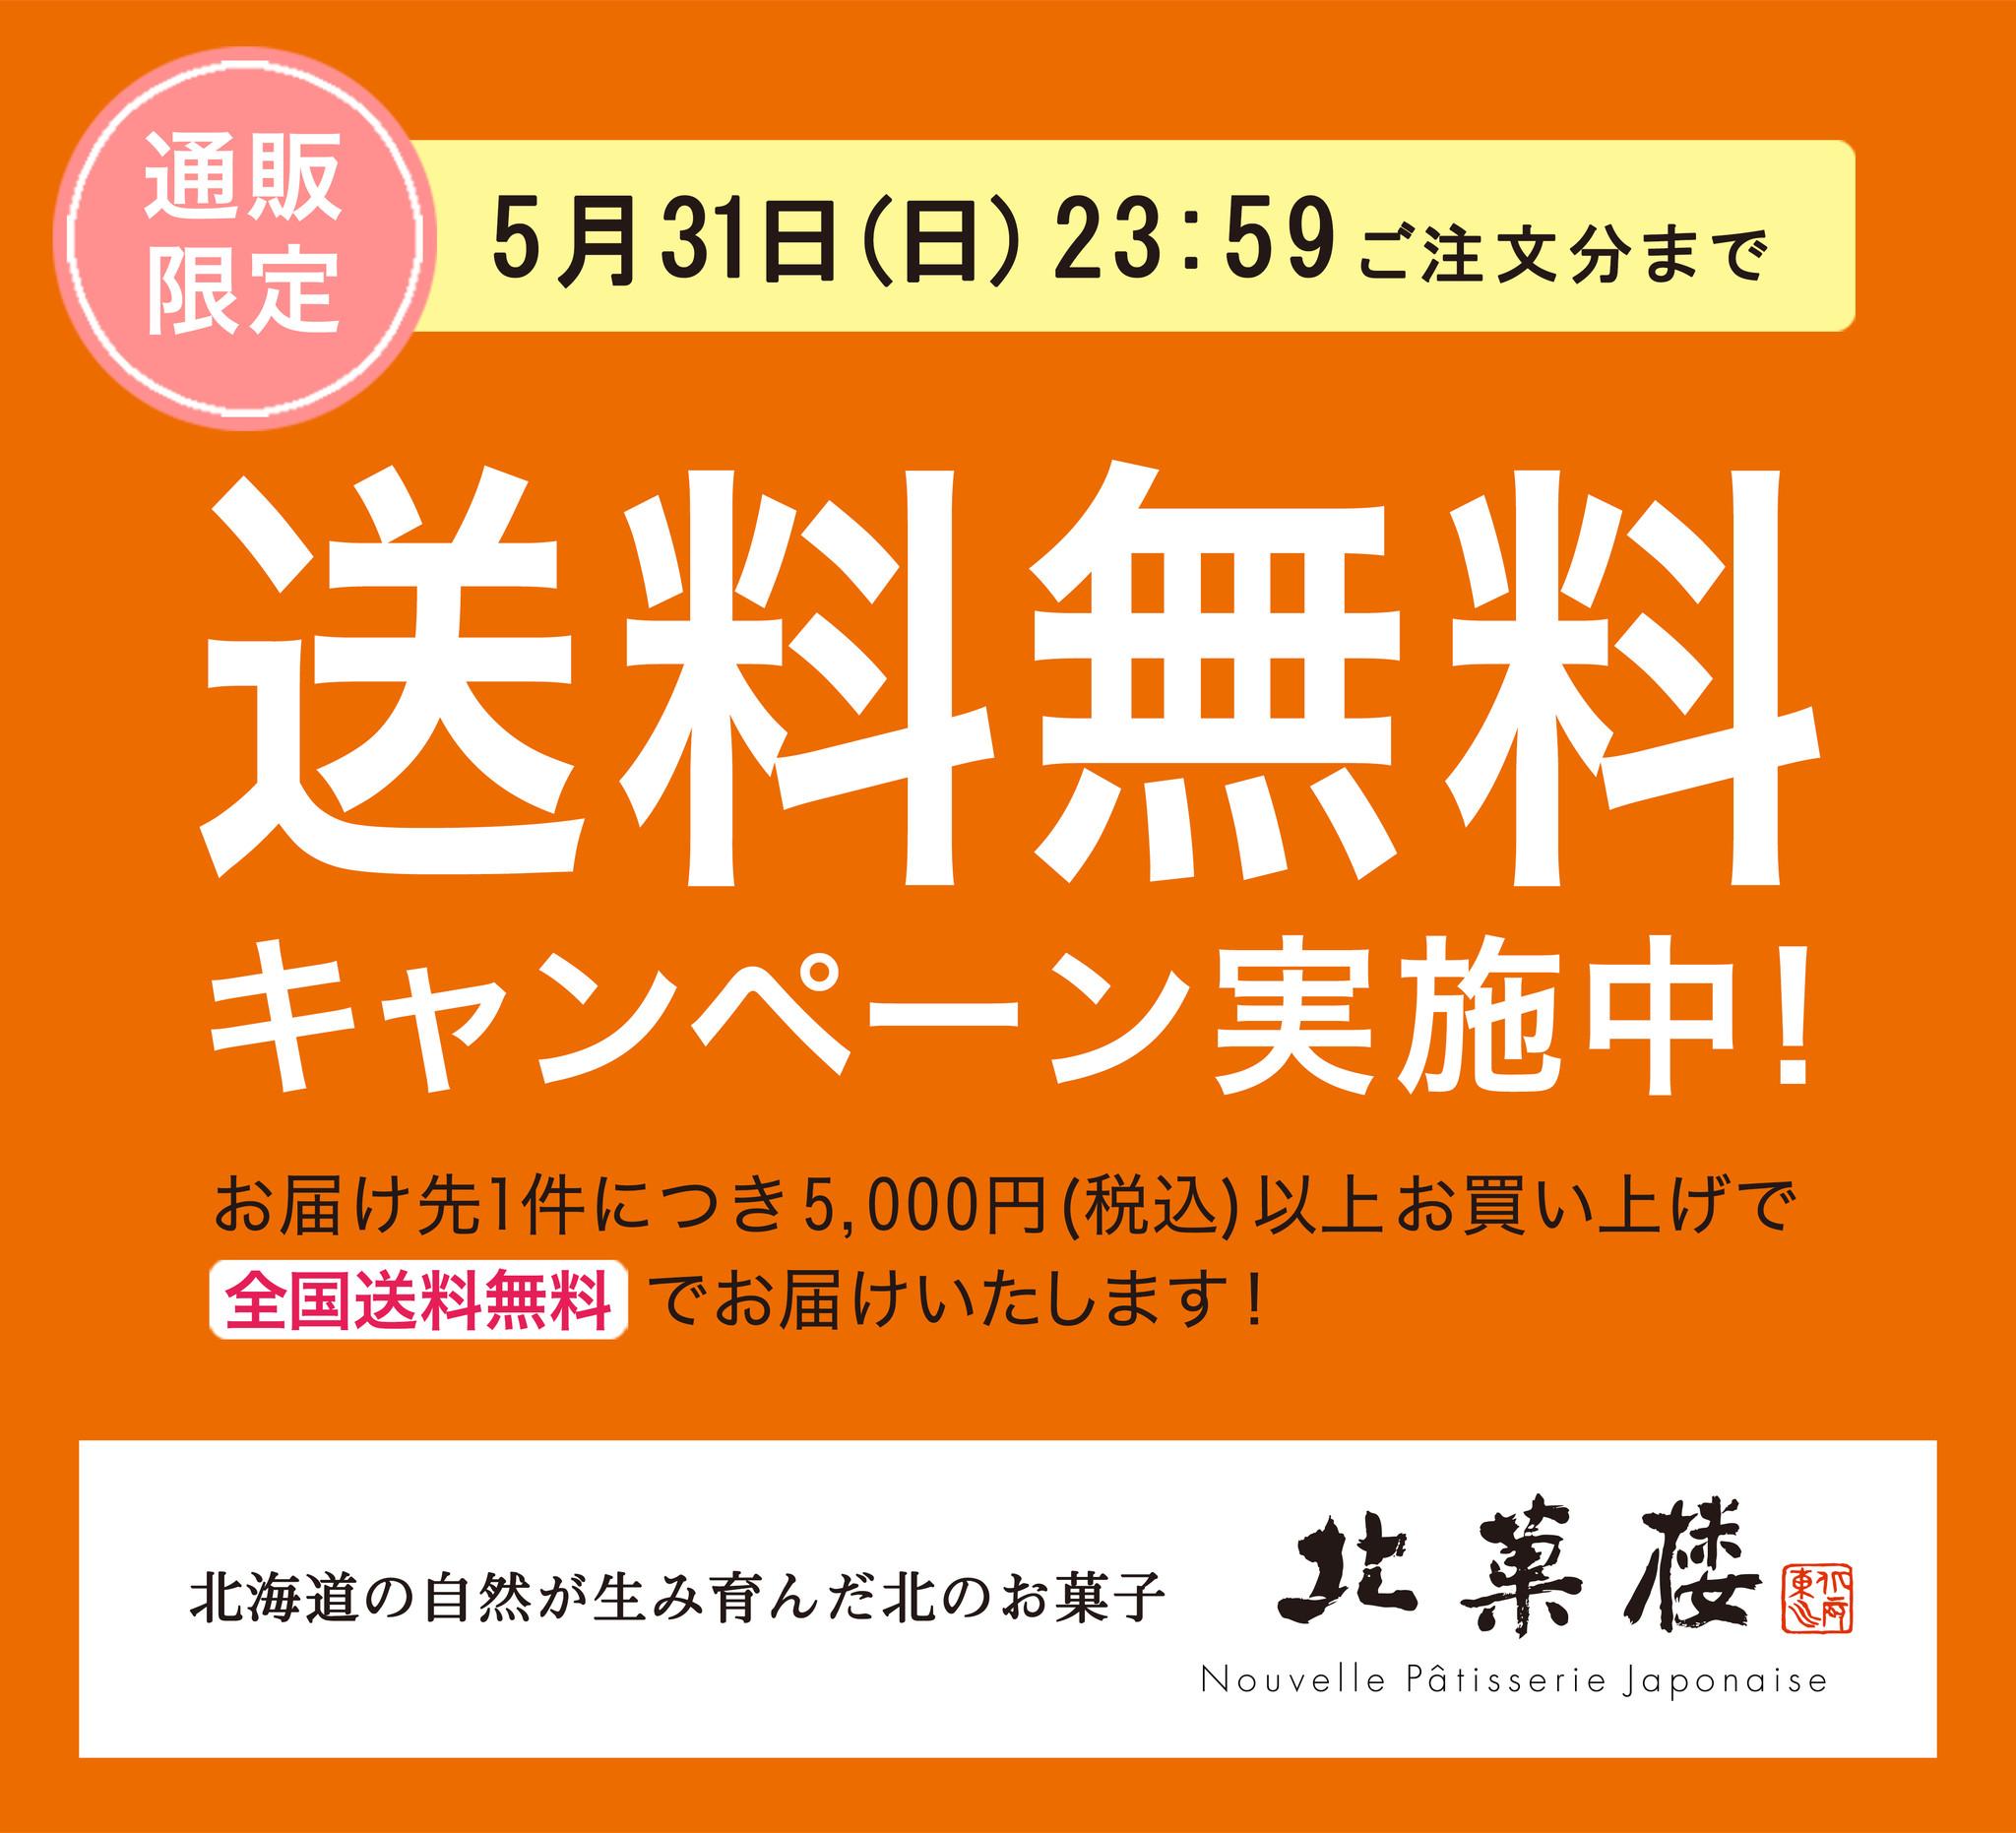 北菓楼が送料無料》5,000円以上お買上げで送料が無料となる、通販限定 ...